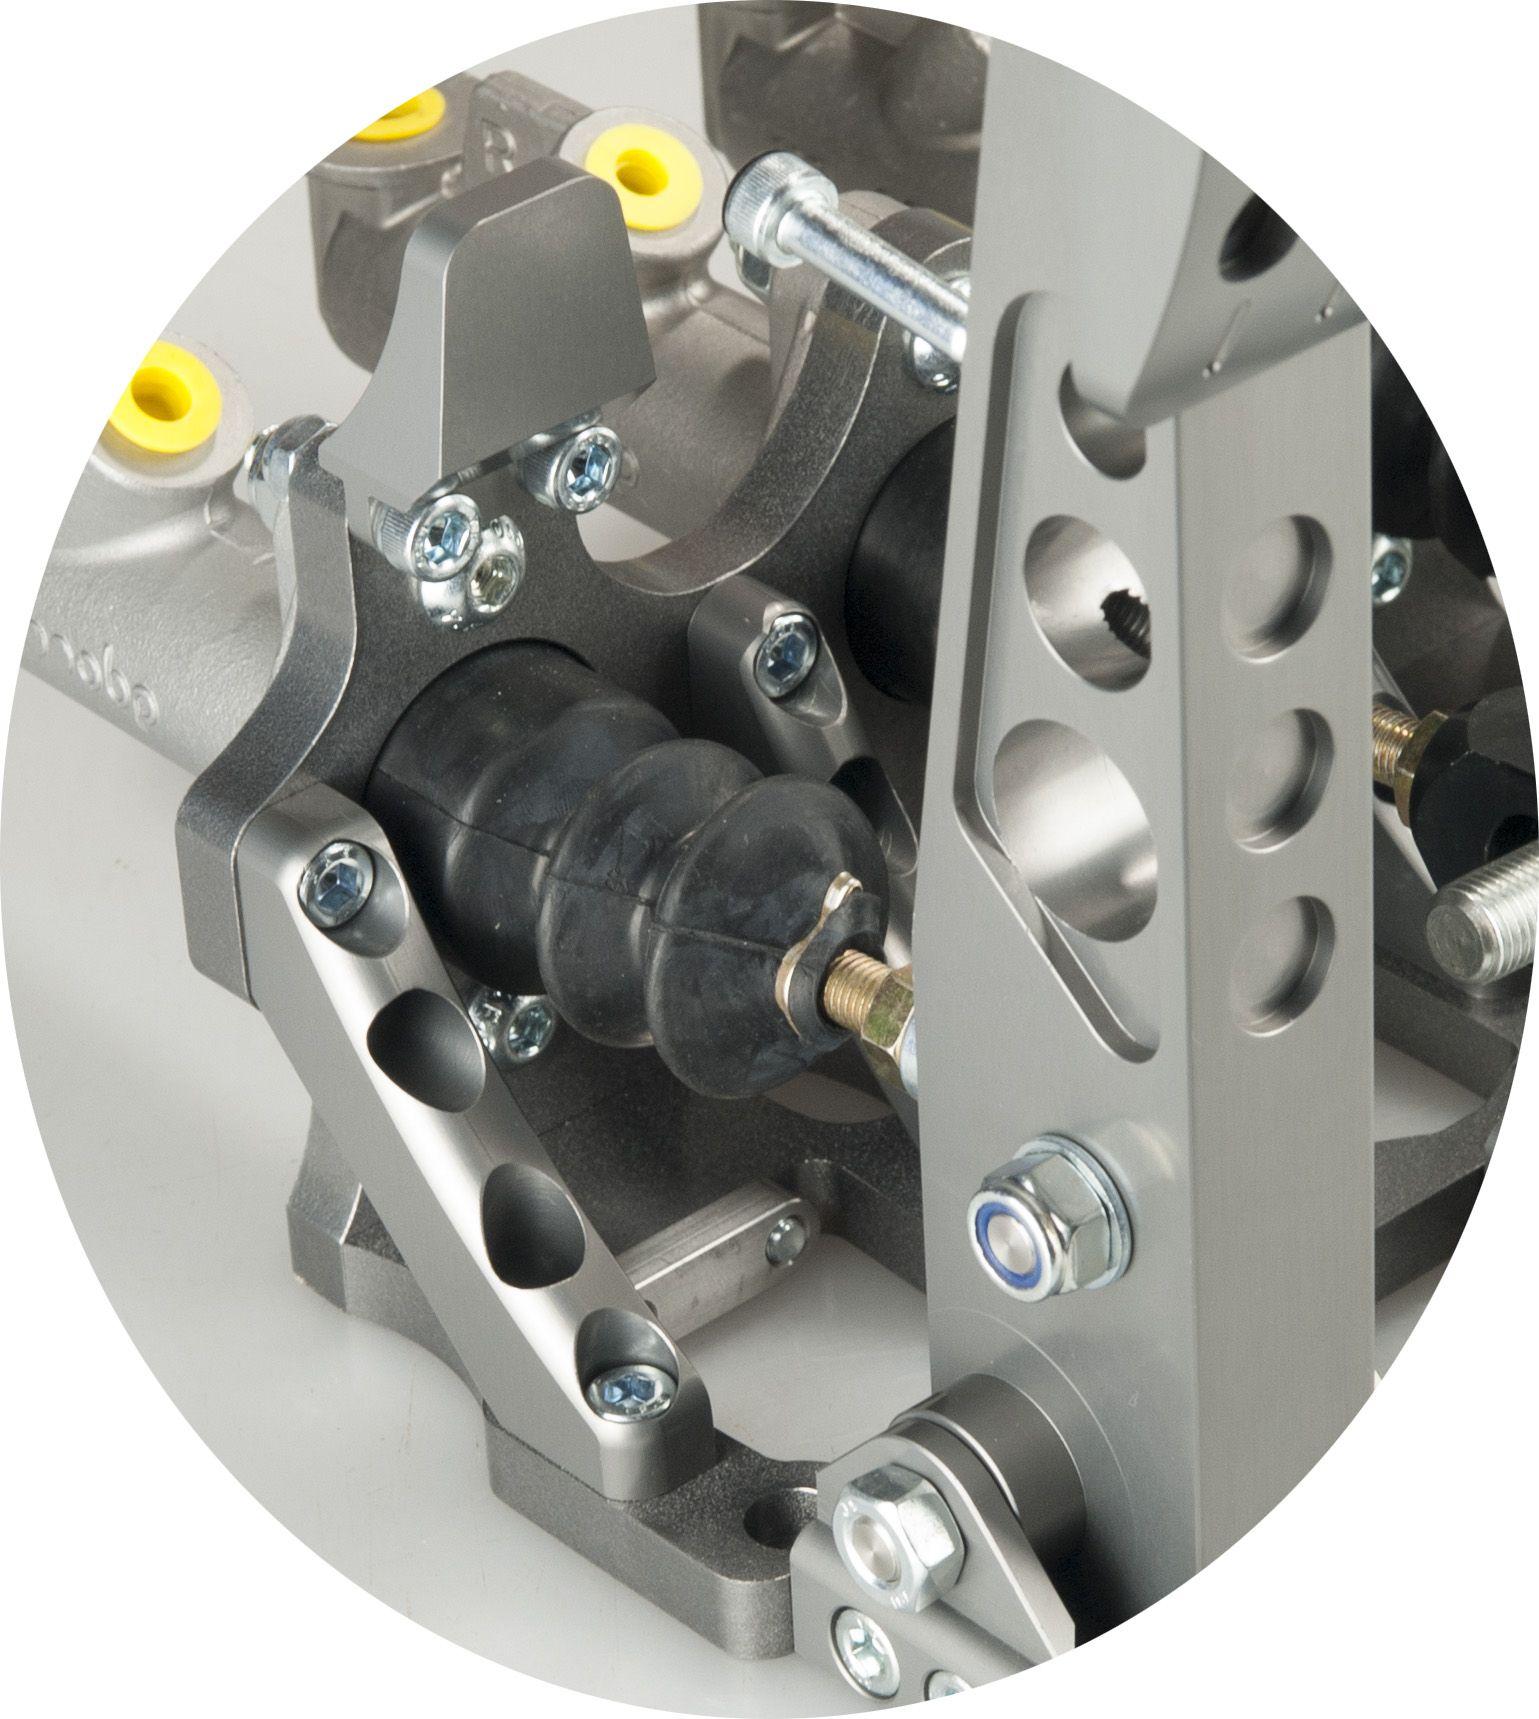 Pro race v3 aluminium billet bias brake pedal box assemblies and the pro drift